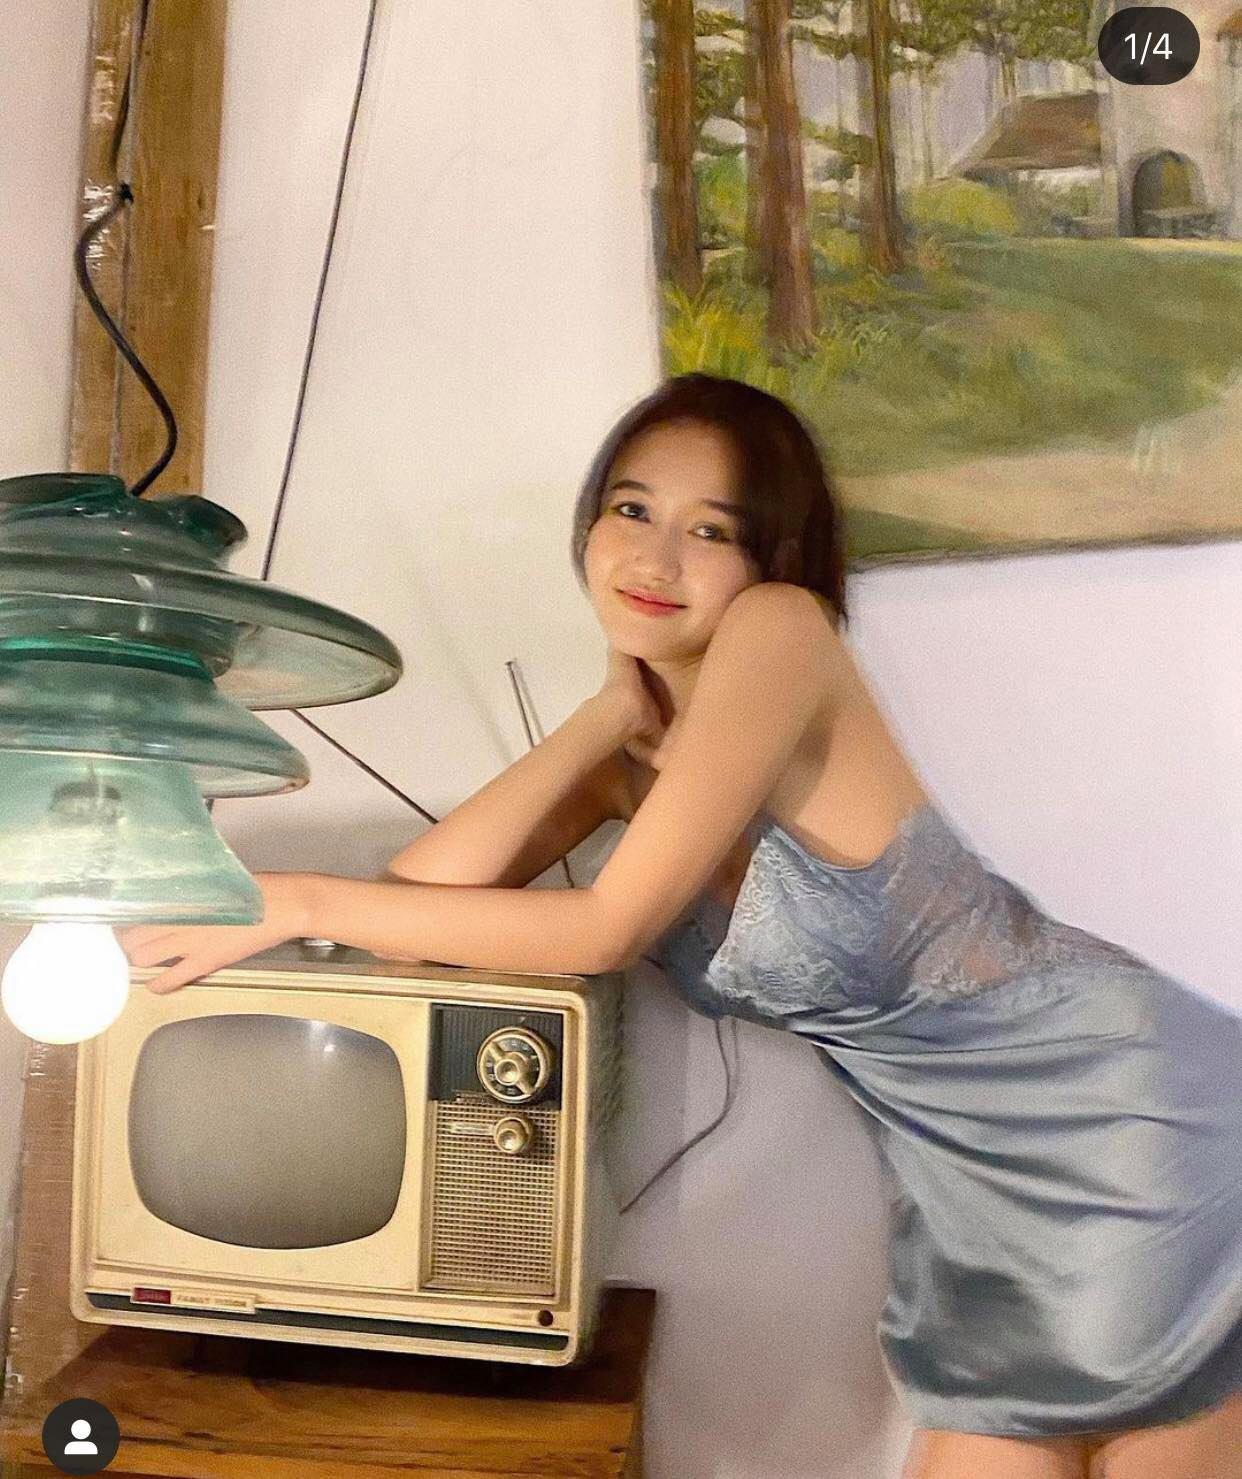 """Khéo mặc váy ngủ gợi cảm như người đẹp được Trường Giang khen là """"thần đồng"""" - 3"""